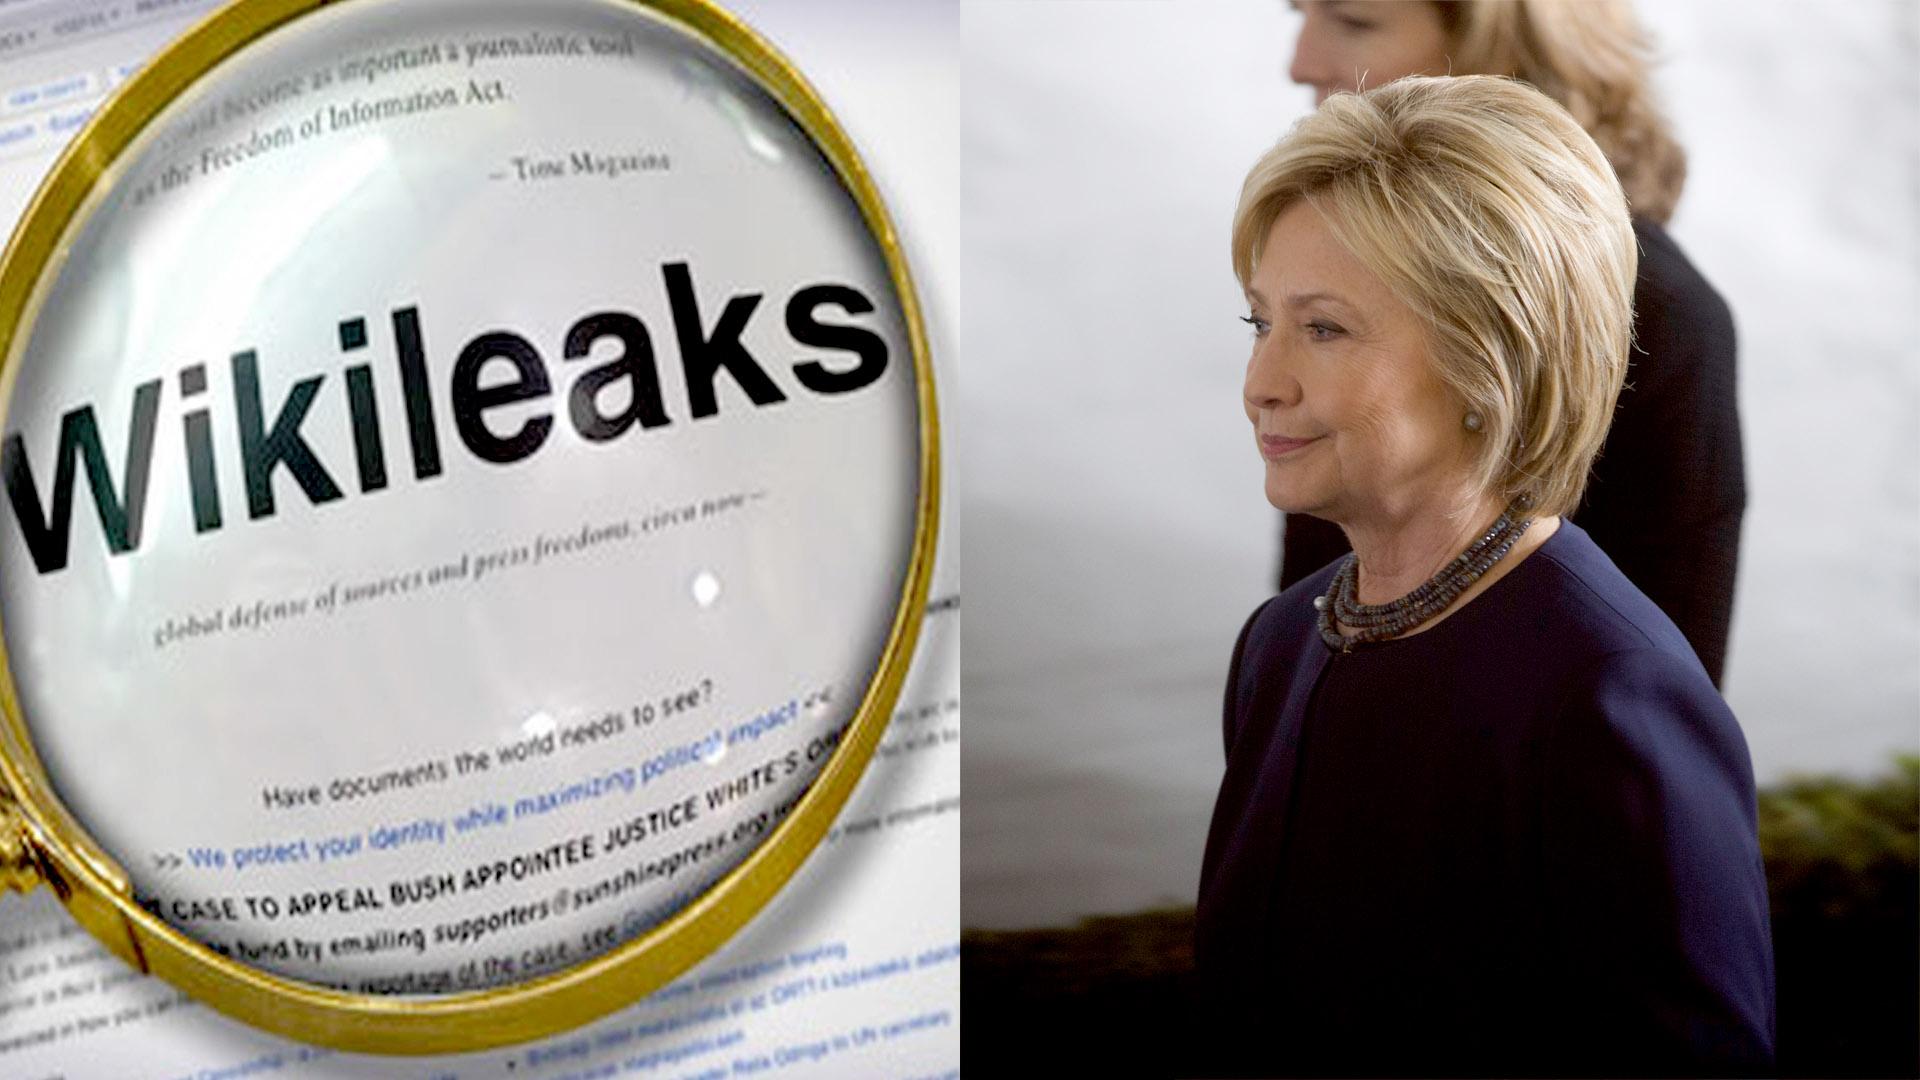 Викиликс и письма Клинтон